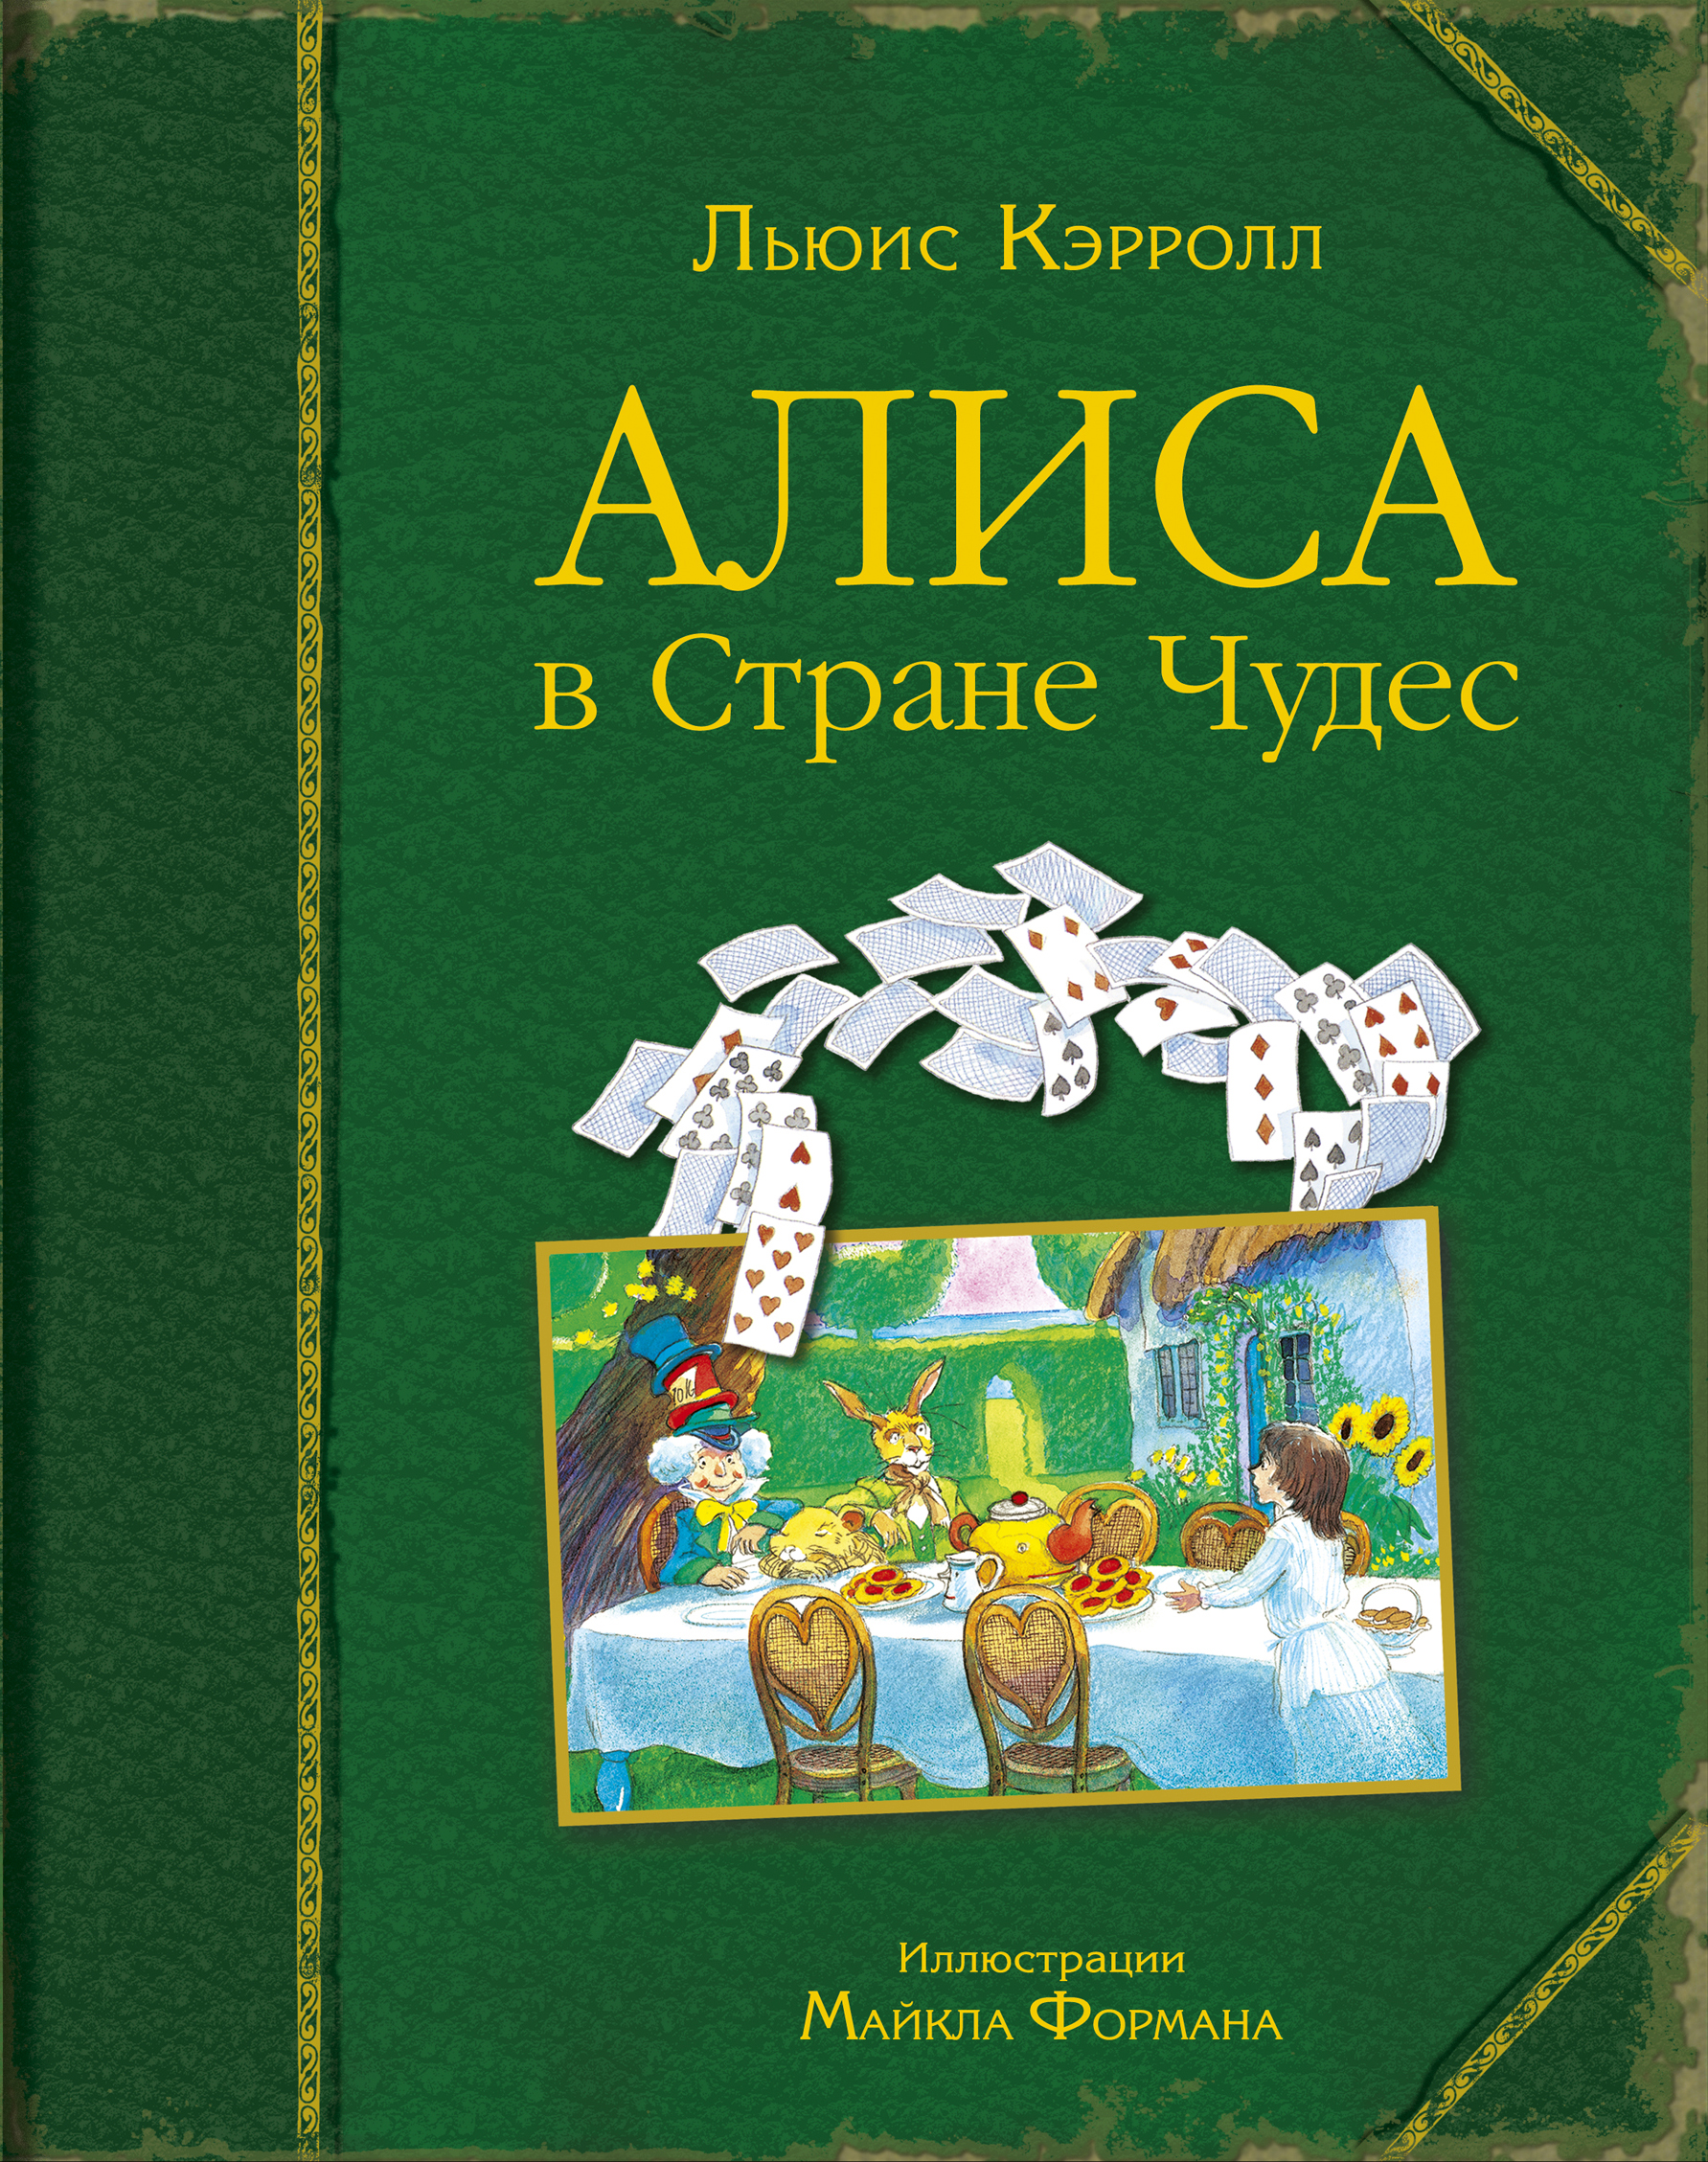 Алиса в Стране Чудес (ил. М. Формана)